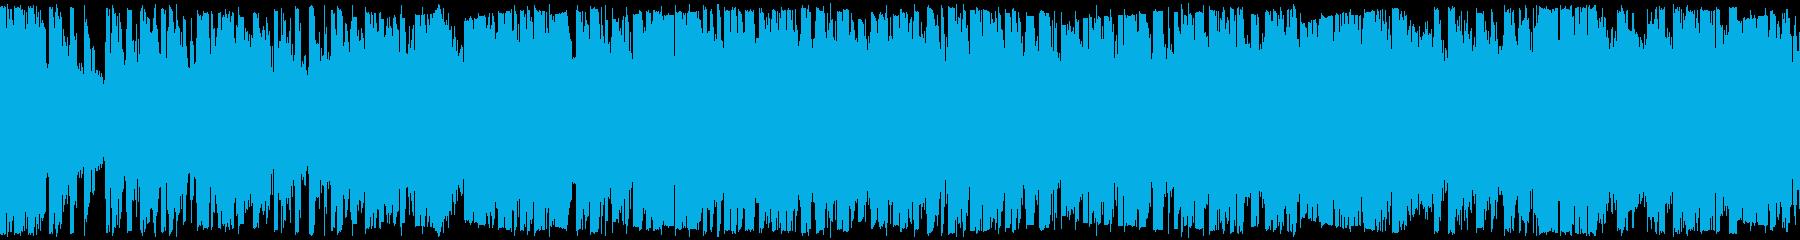 三味線メタル、力強い、疾走感、声入ループの再生済みの波形